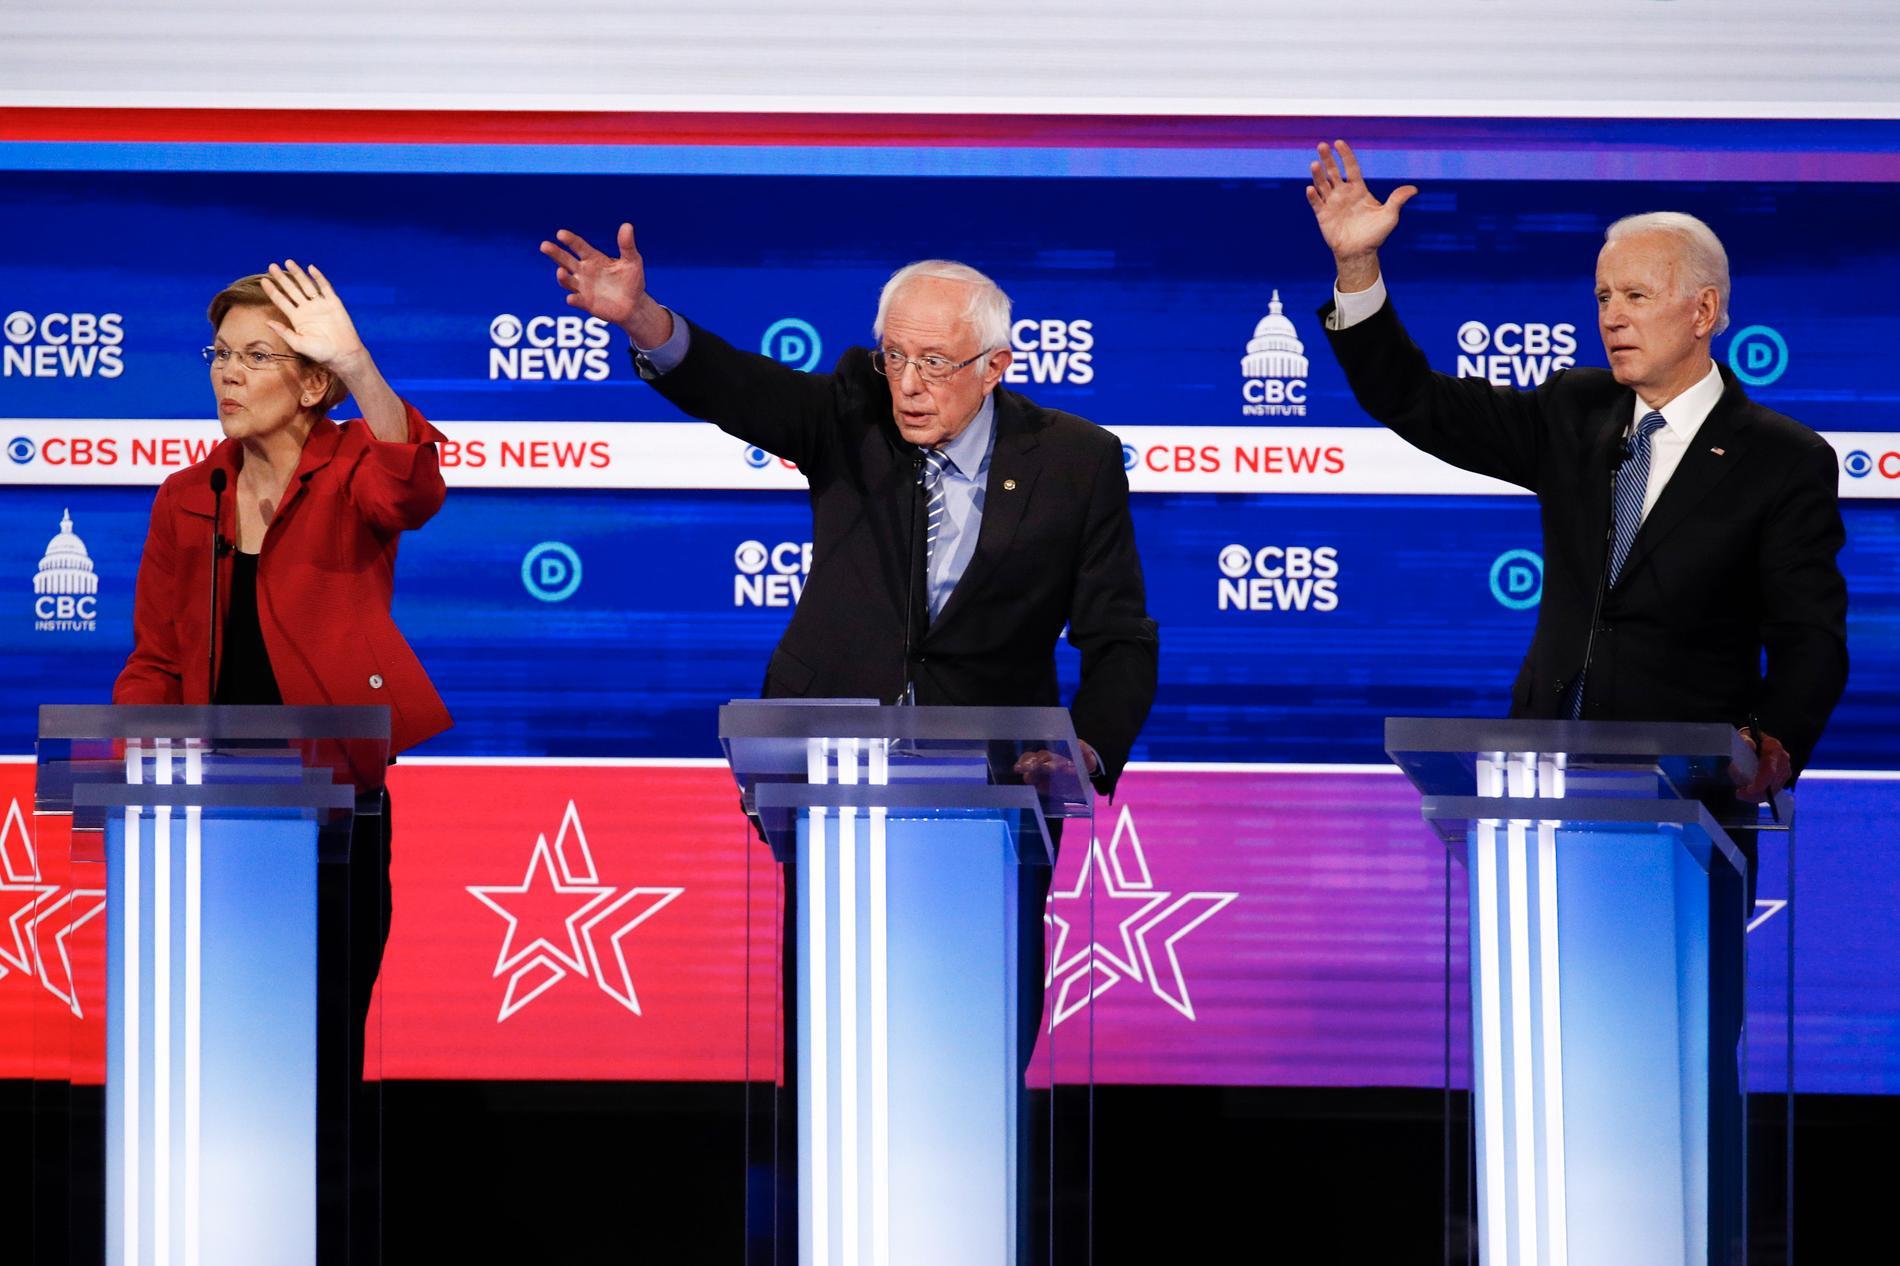 Debatten var bitvis stimmig när presidentaspiranterna slogs om ordet.